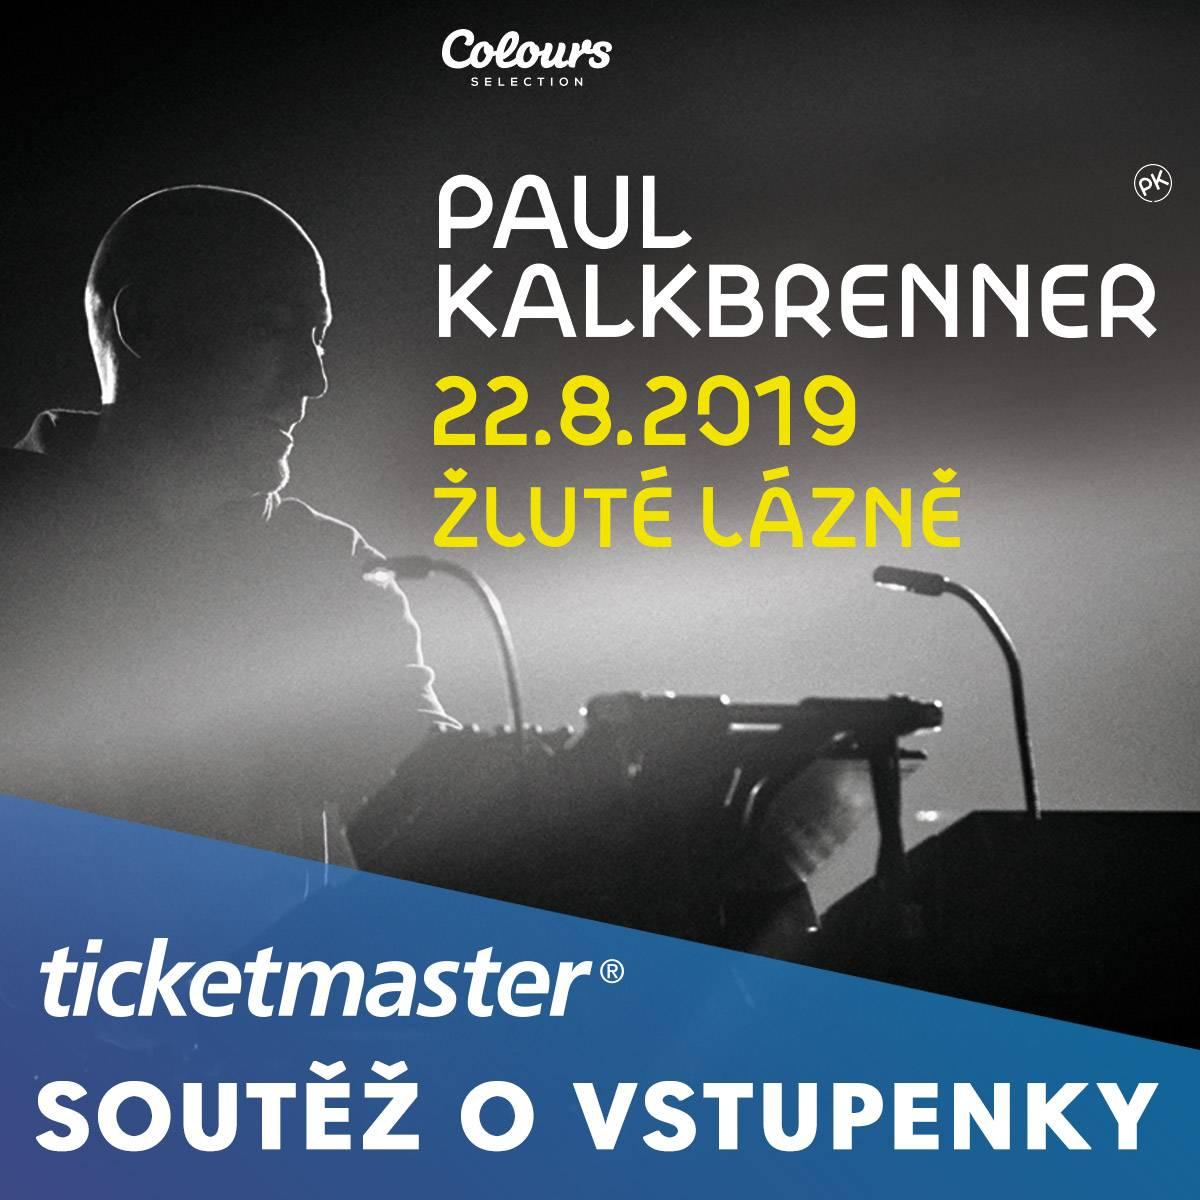 SOUTĚŽ: Paul Kalkbrenner ve Žlutých lázních